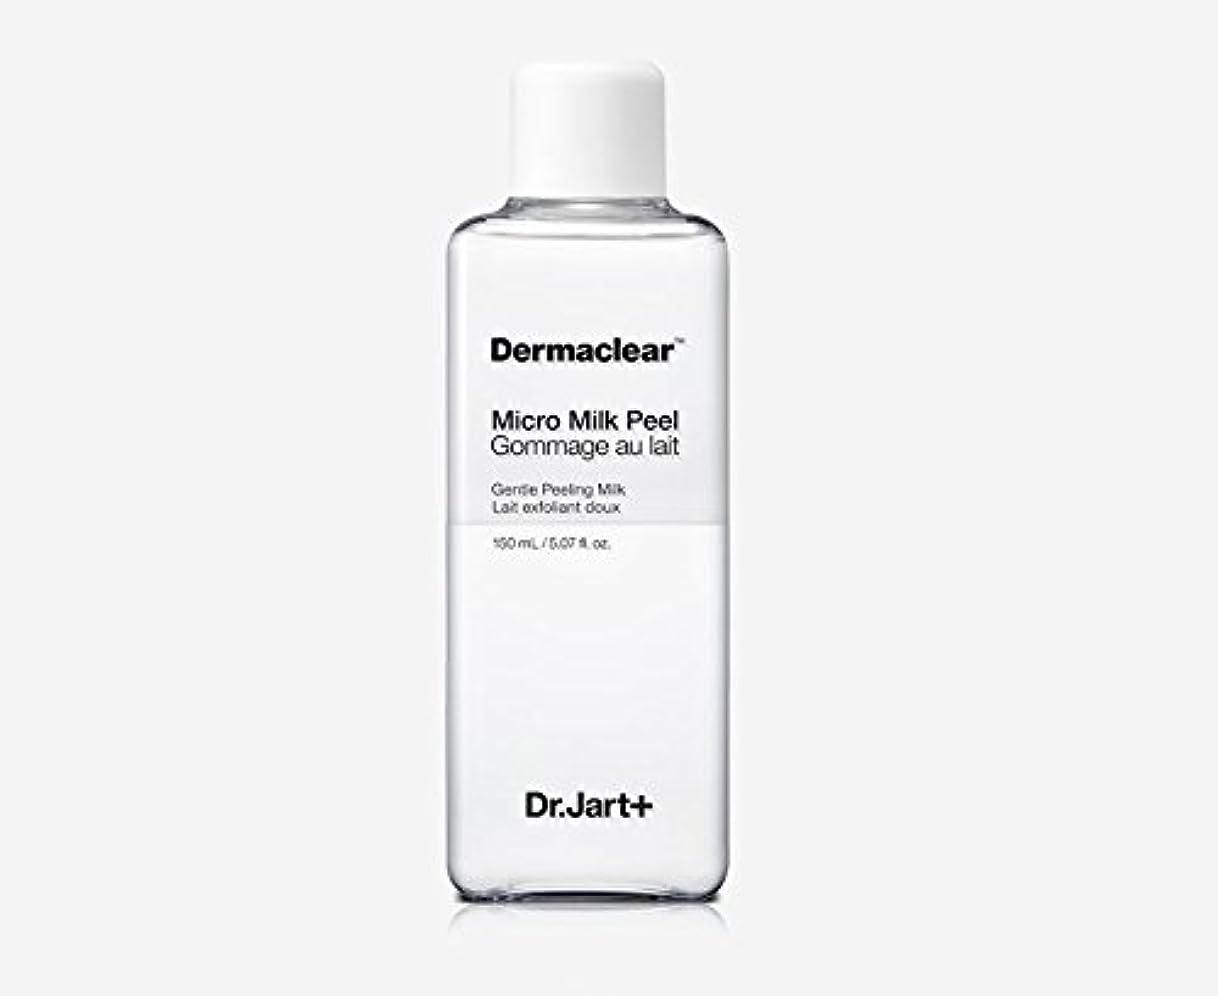 輝度テレビ局ワックス[ドクタージャルト]Dermaclear Micro Milk Peel 150ml/[ドクタージャルト]ダーマクリアマイクロミルクピール150ml [並行輸入品]